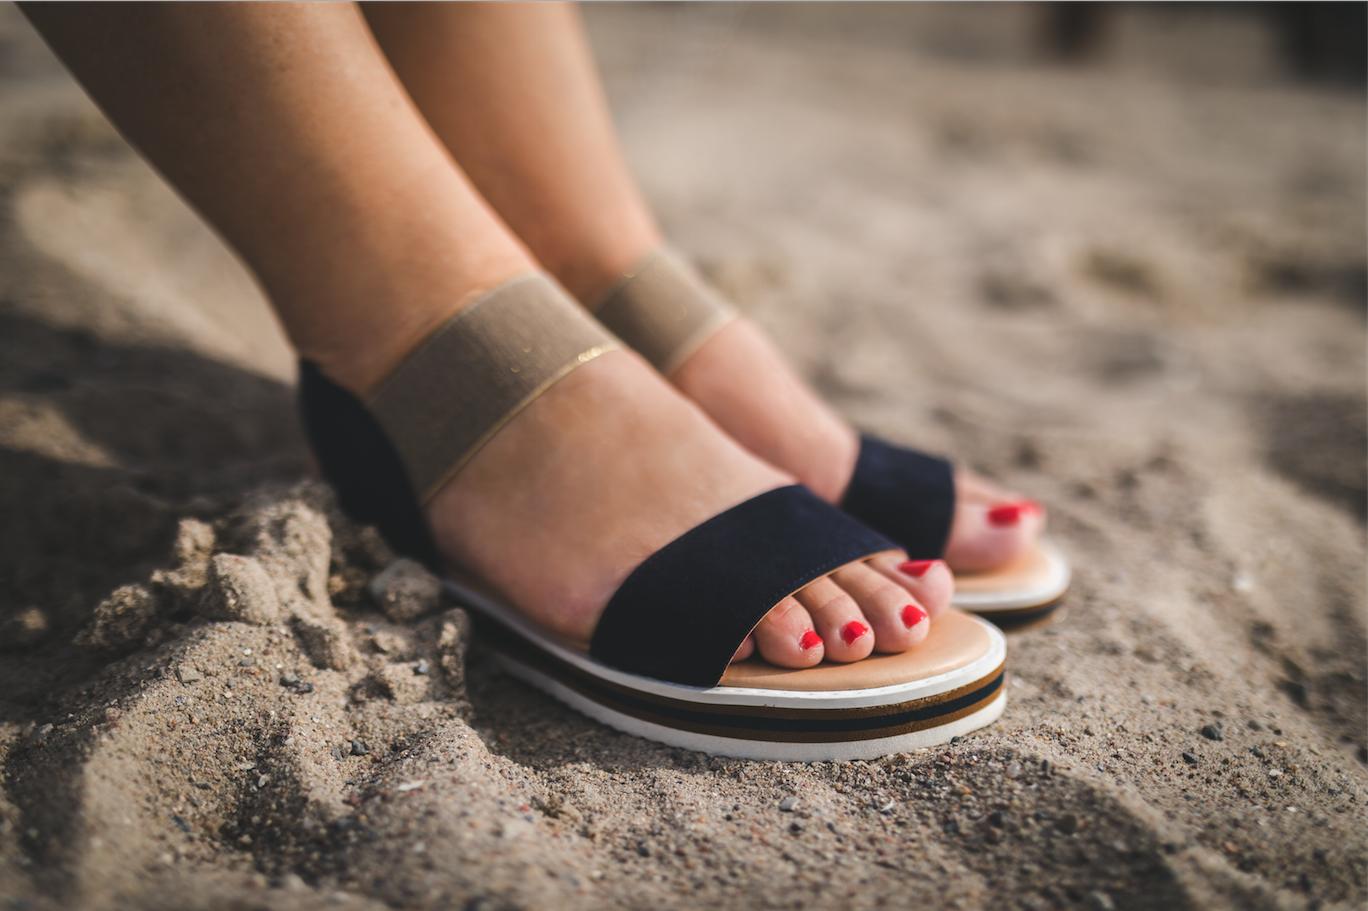 Schuhe für Damen: Die neue Sandale Durban eignet sich